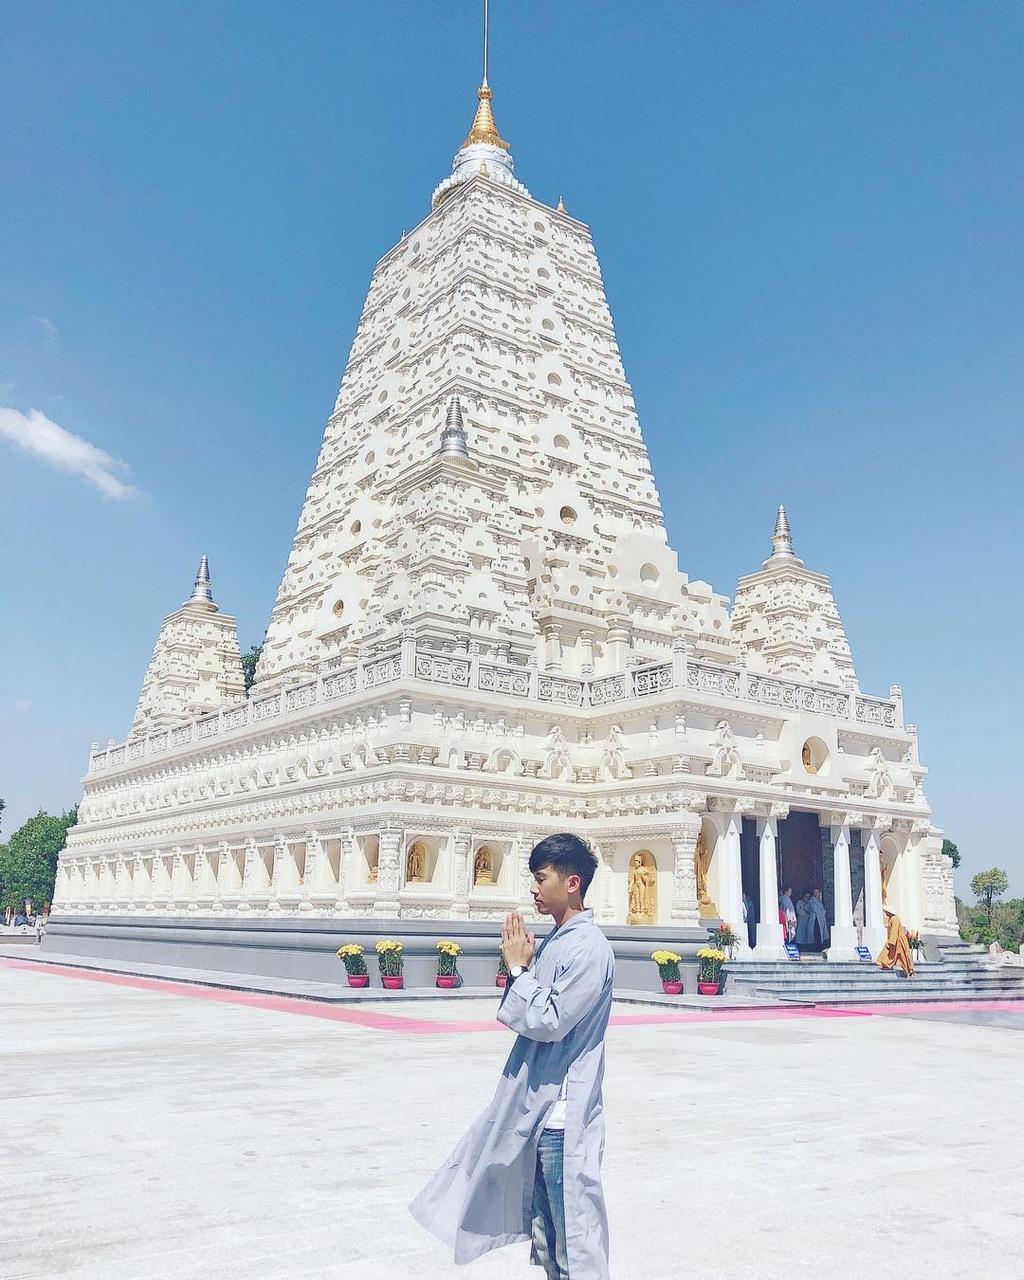 4 Thien vien Truc Lam noi tieng o Nam Bo hinh anh 12  - tyarinst_51553210_302085937157695_7241121998196008101_n - 4 Thiền viện Trúc Lâm nổi tiếng ở Nam Bộ